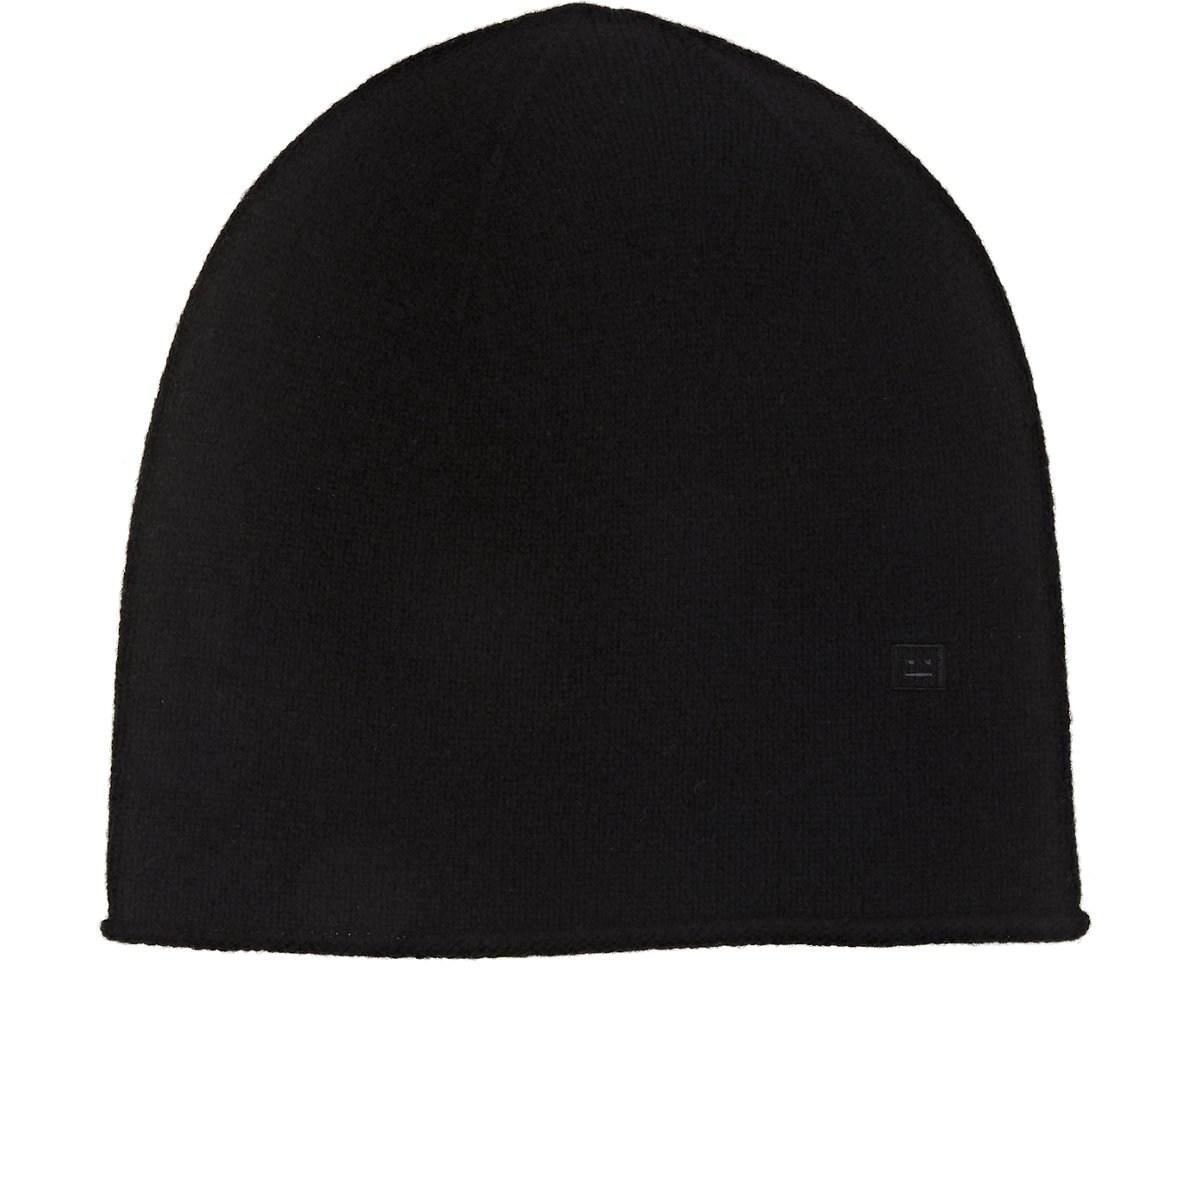 Acne Emoji Wool Beanie in Black for Men - Lyst 07ccdfe0b